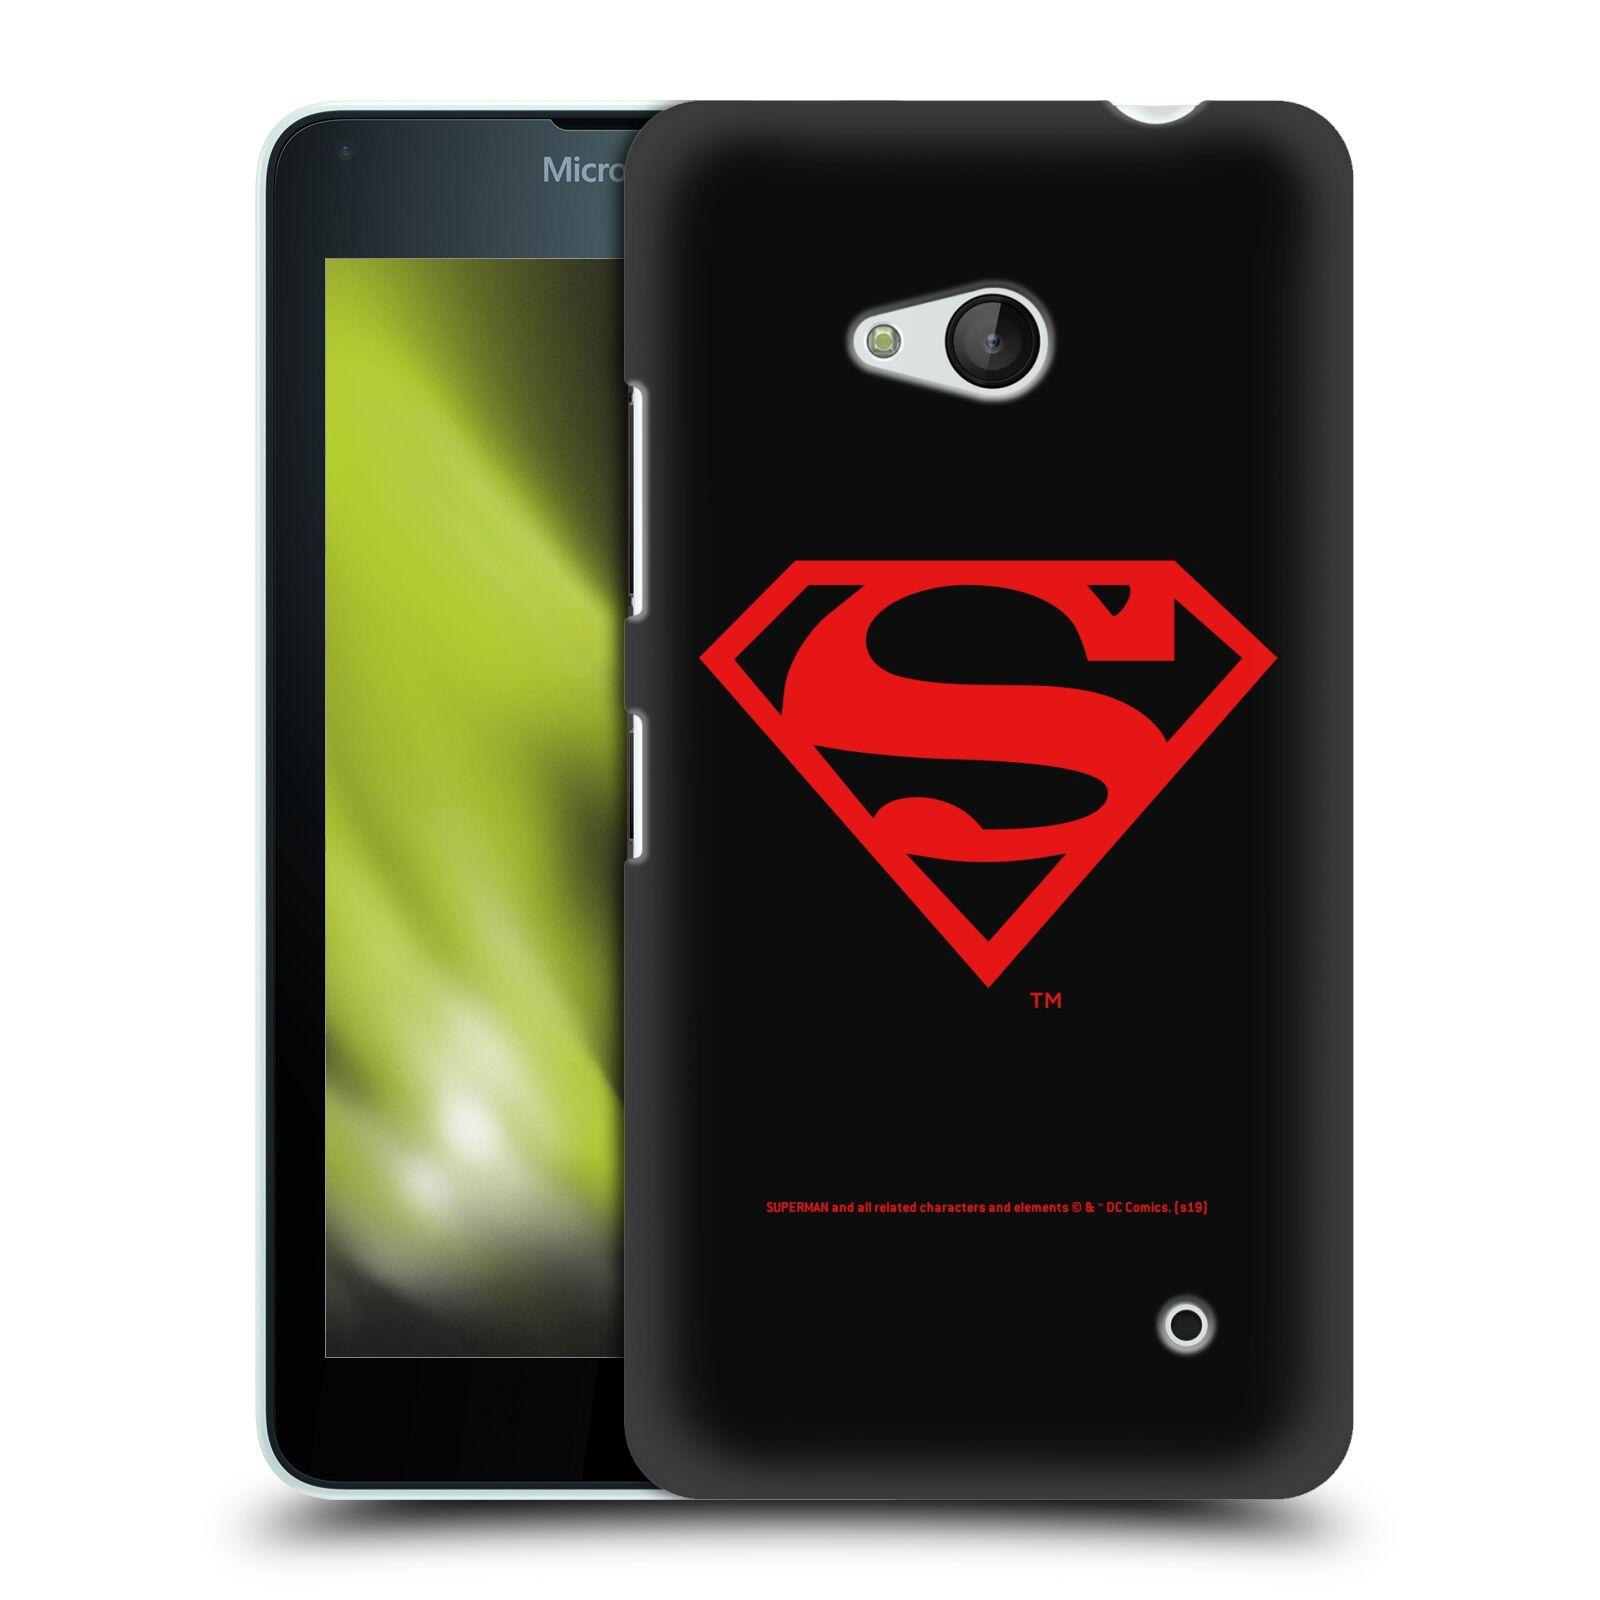 Pouzdro na mobil Microsoft Lumia 640 / 640 DUAL SIM - HEAD CASE - DC komix Superman červený znak černé pozadí